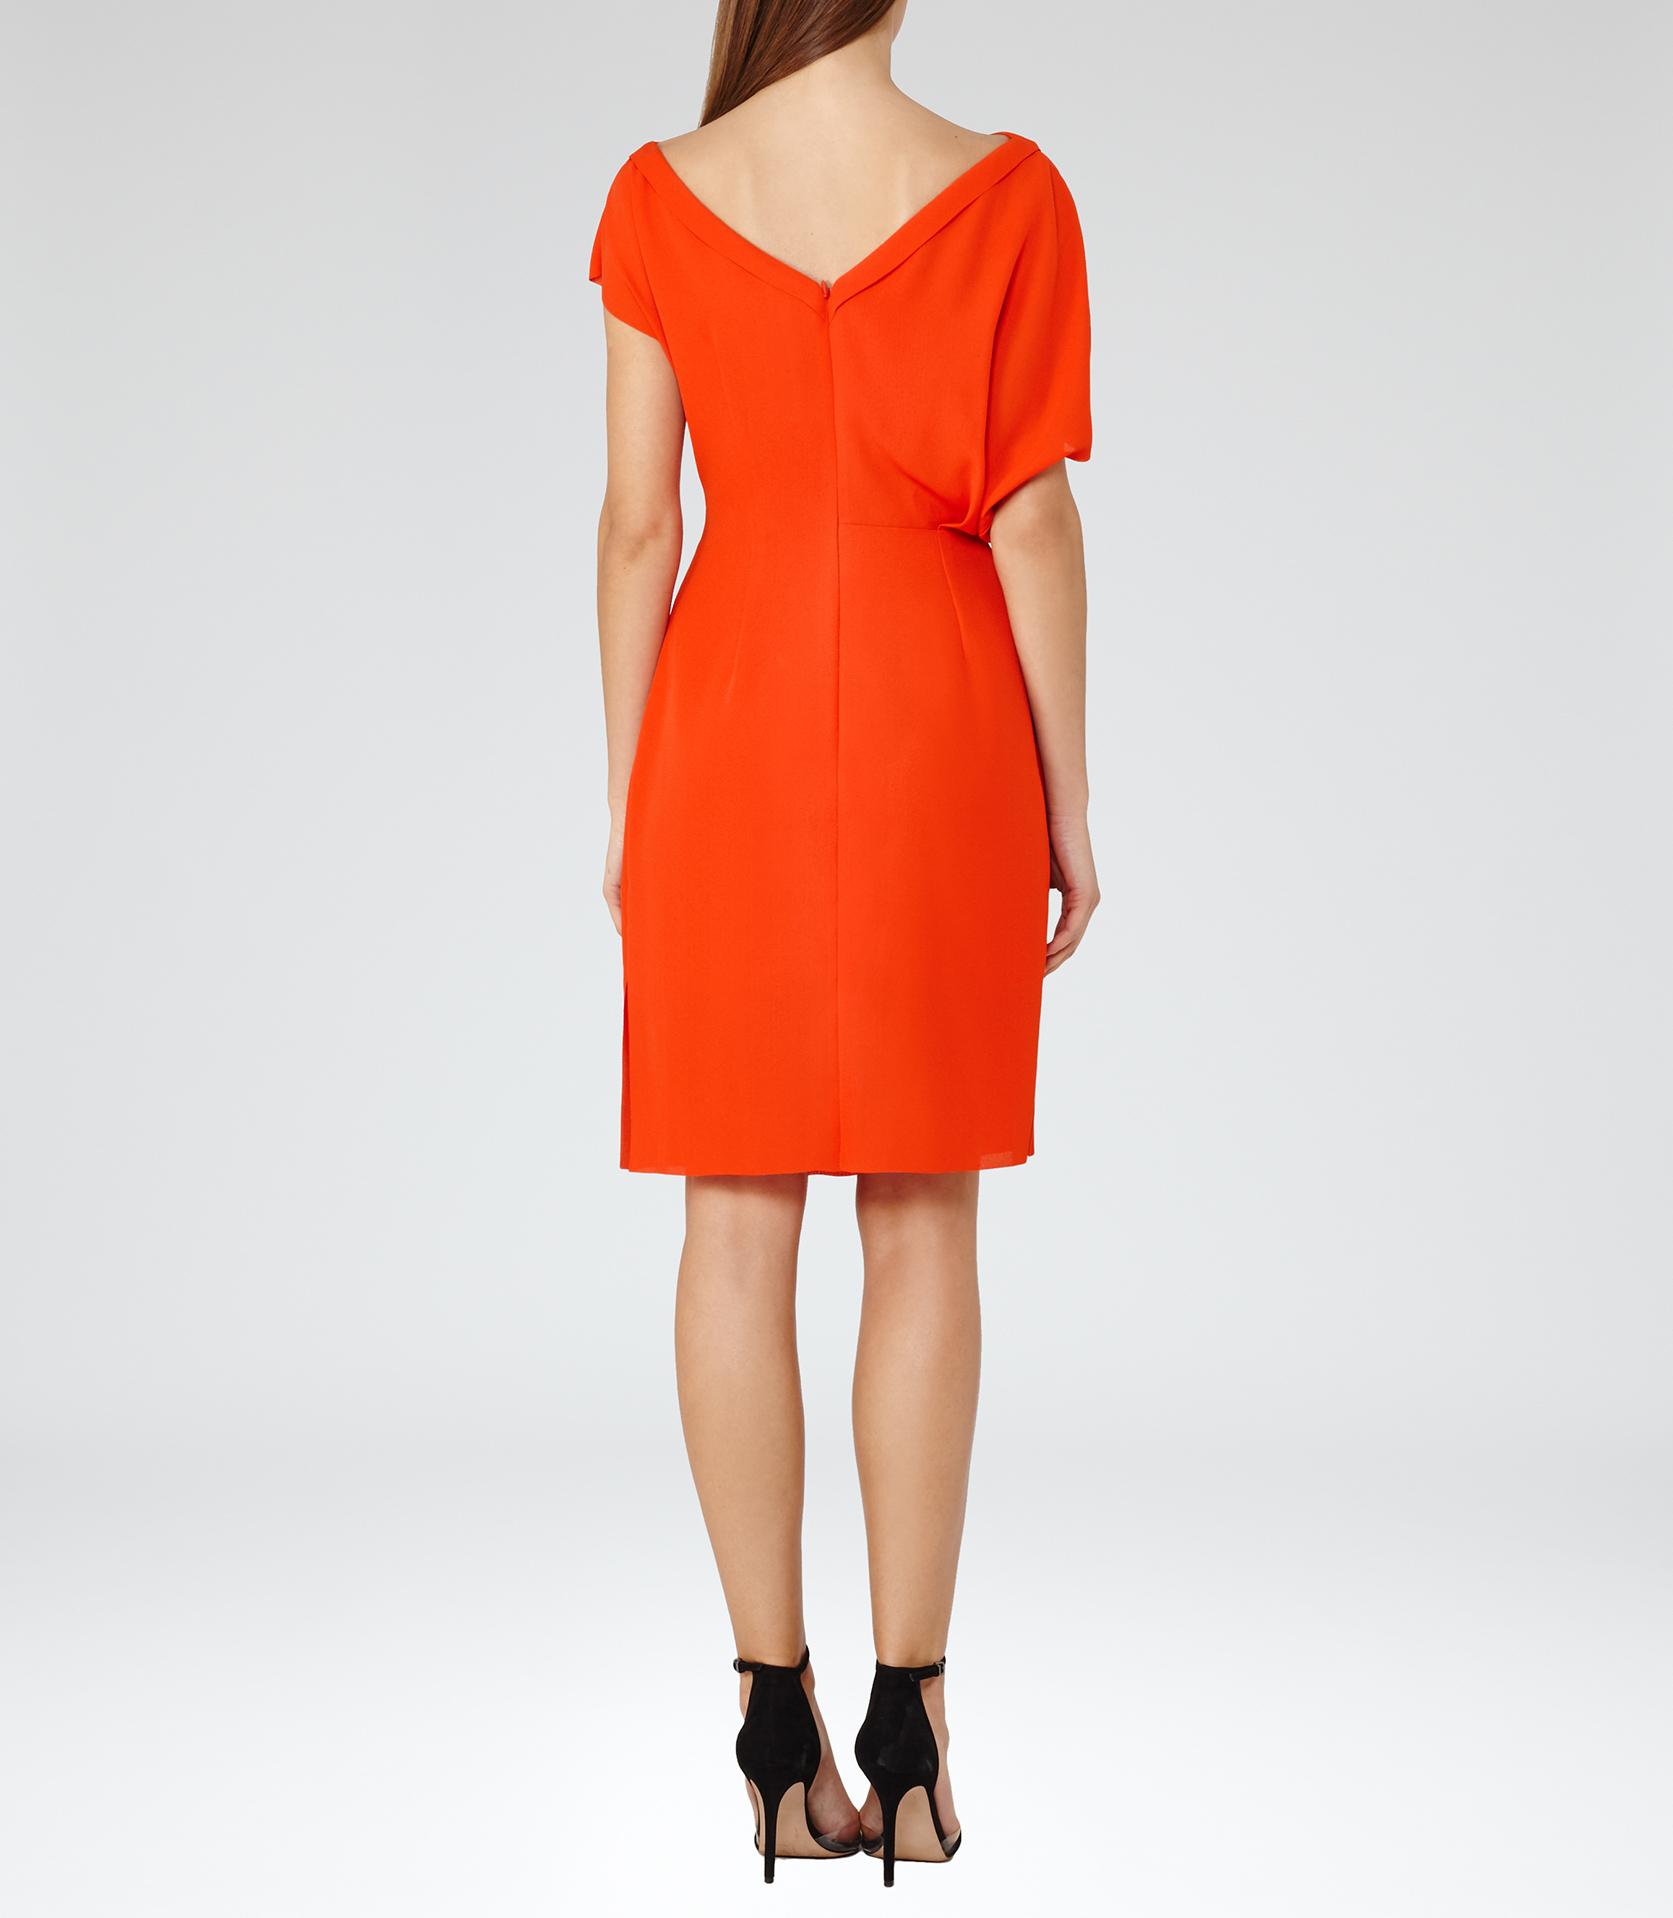 T tahari red dress yuna